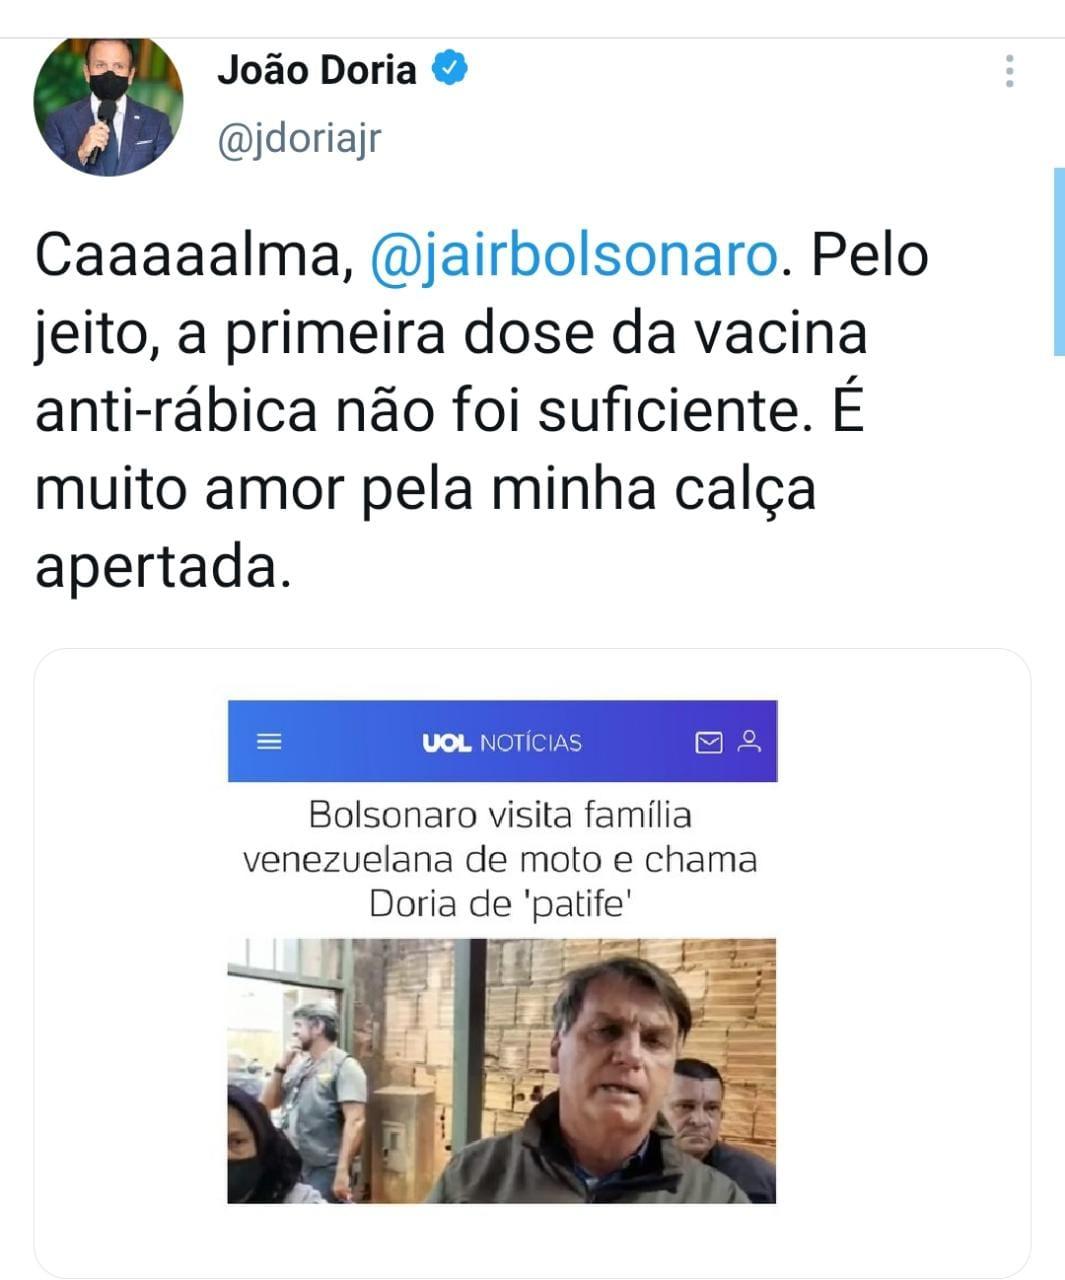 Doria a Bolsonaro: 'É muito amor pela minha calça apertada'